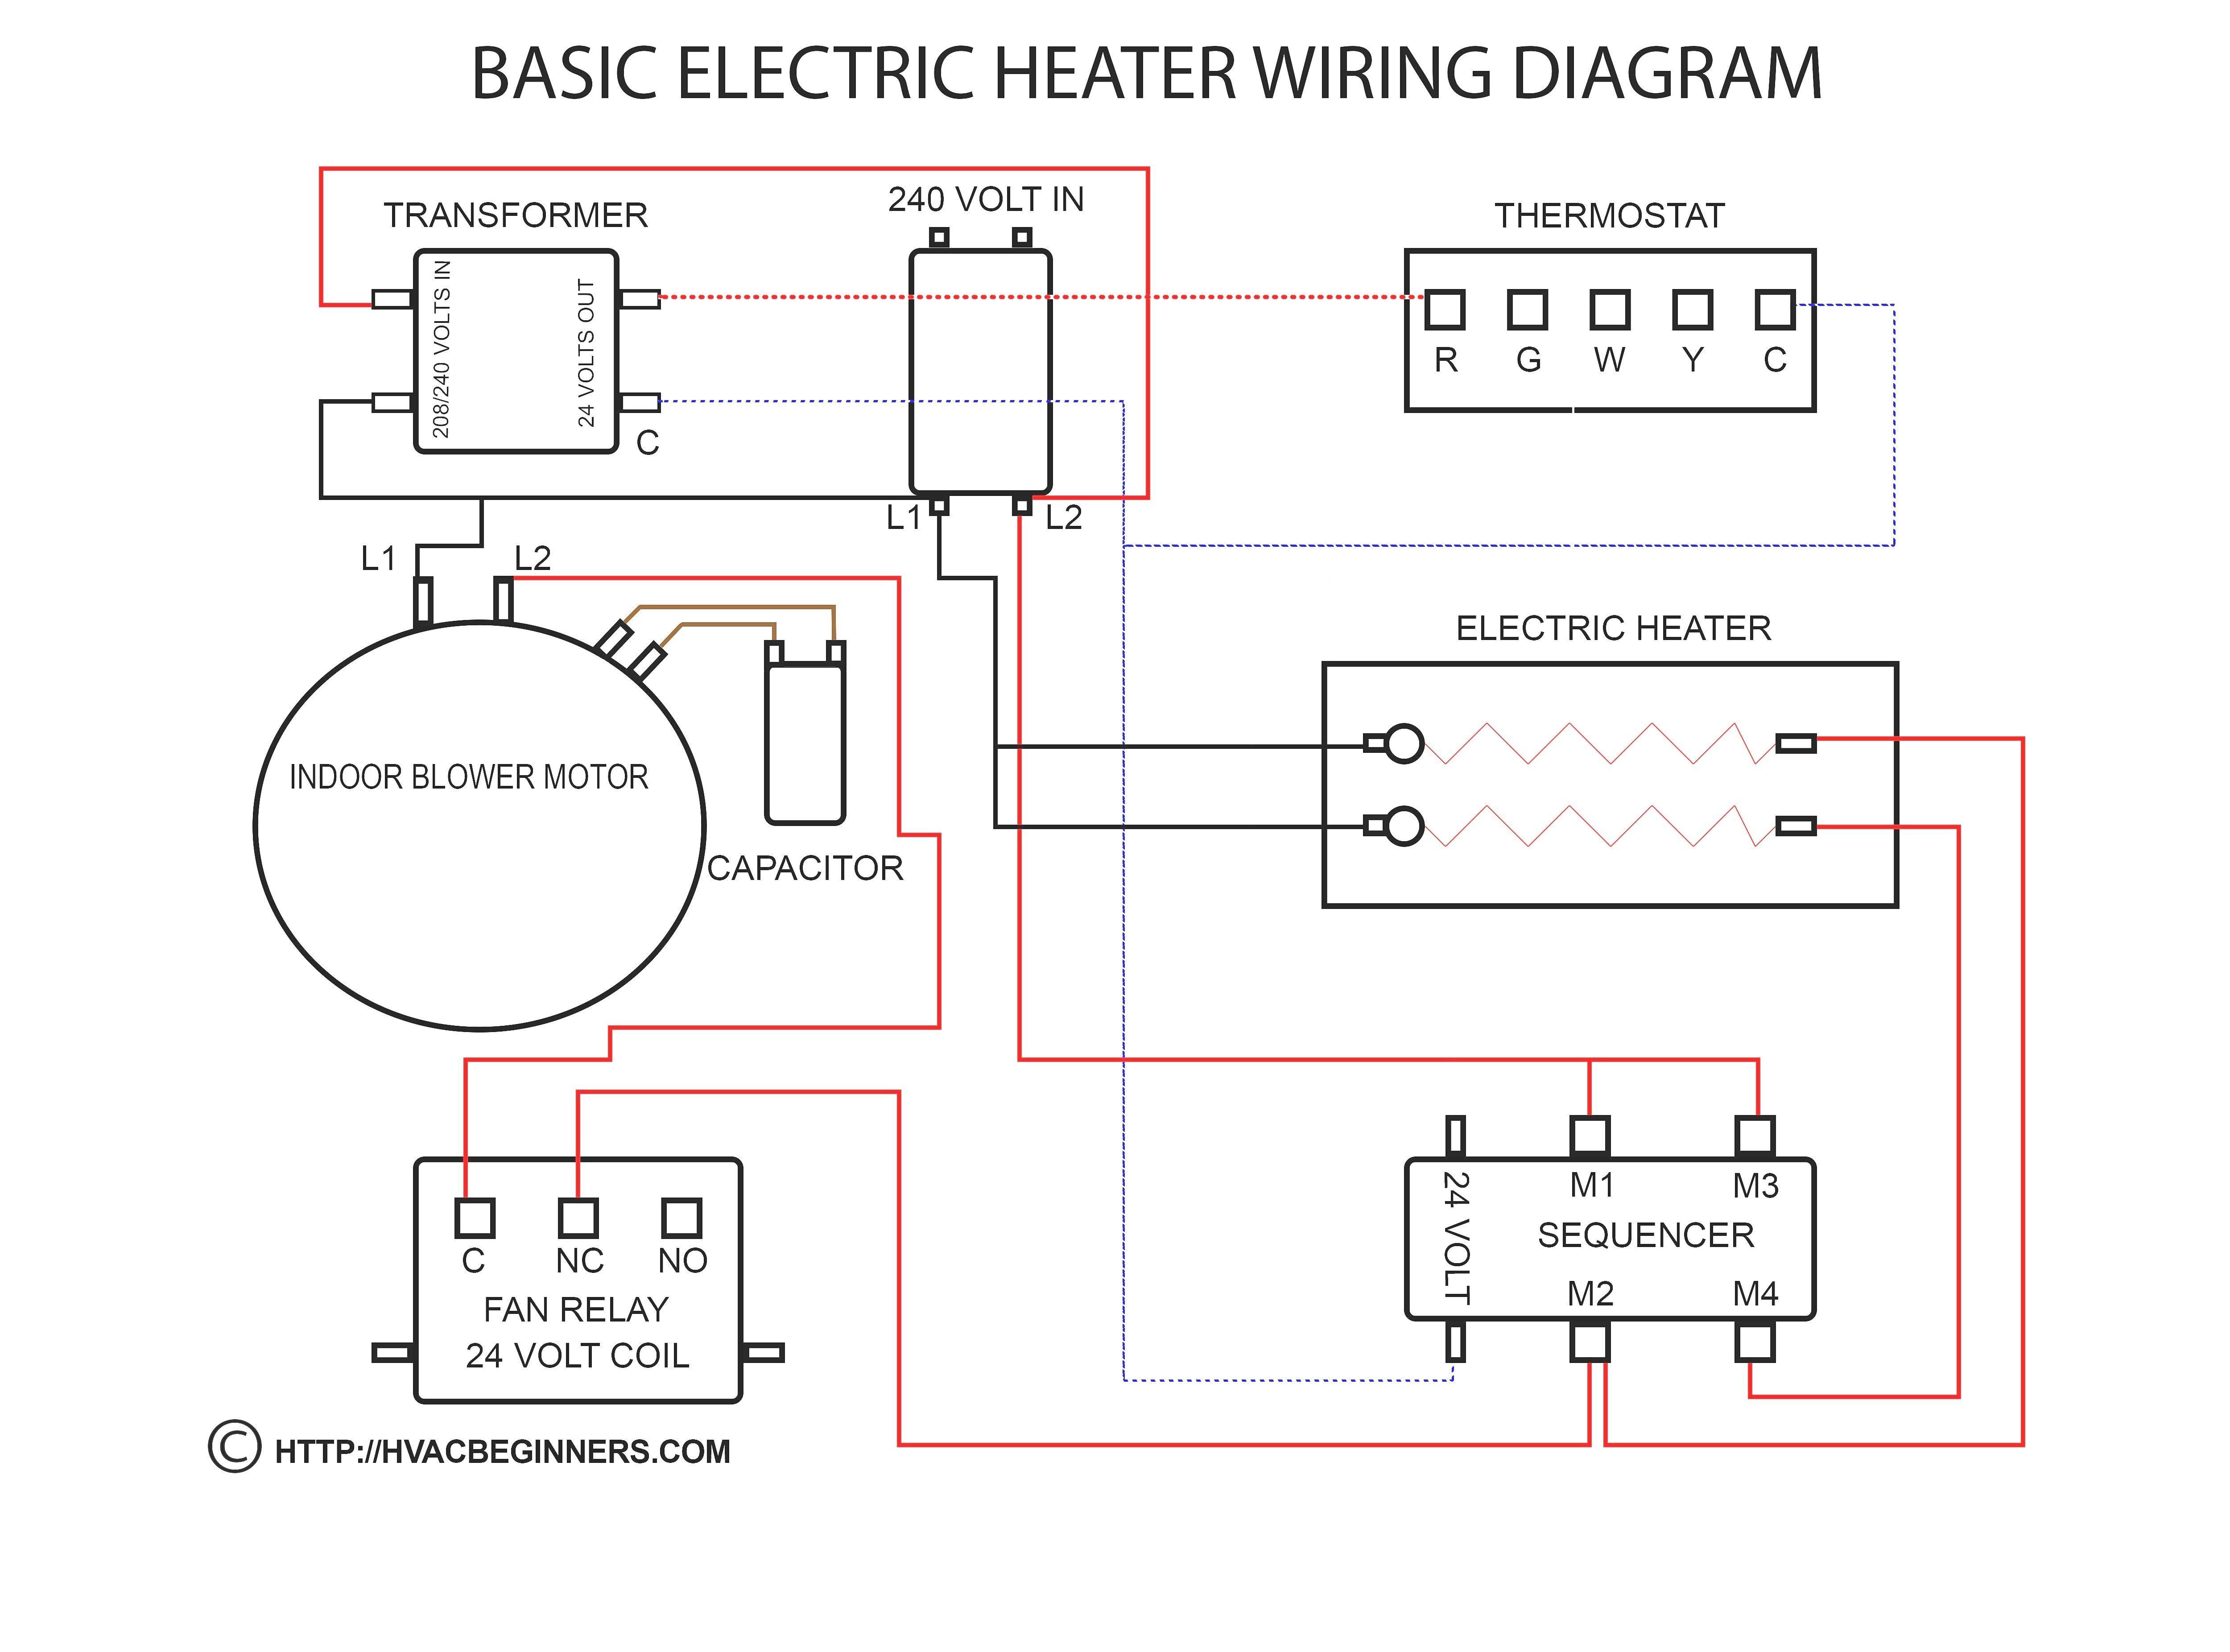 New Wiring Diagram For House Lighting Circuit Pdf Diagram Diagramsample Diagramtemplate Basic Electrical Wiring Thermostat Wiring Electrical Wiring Diagram